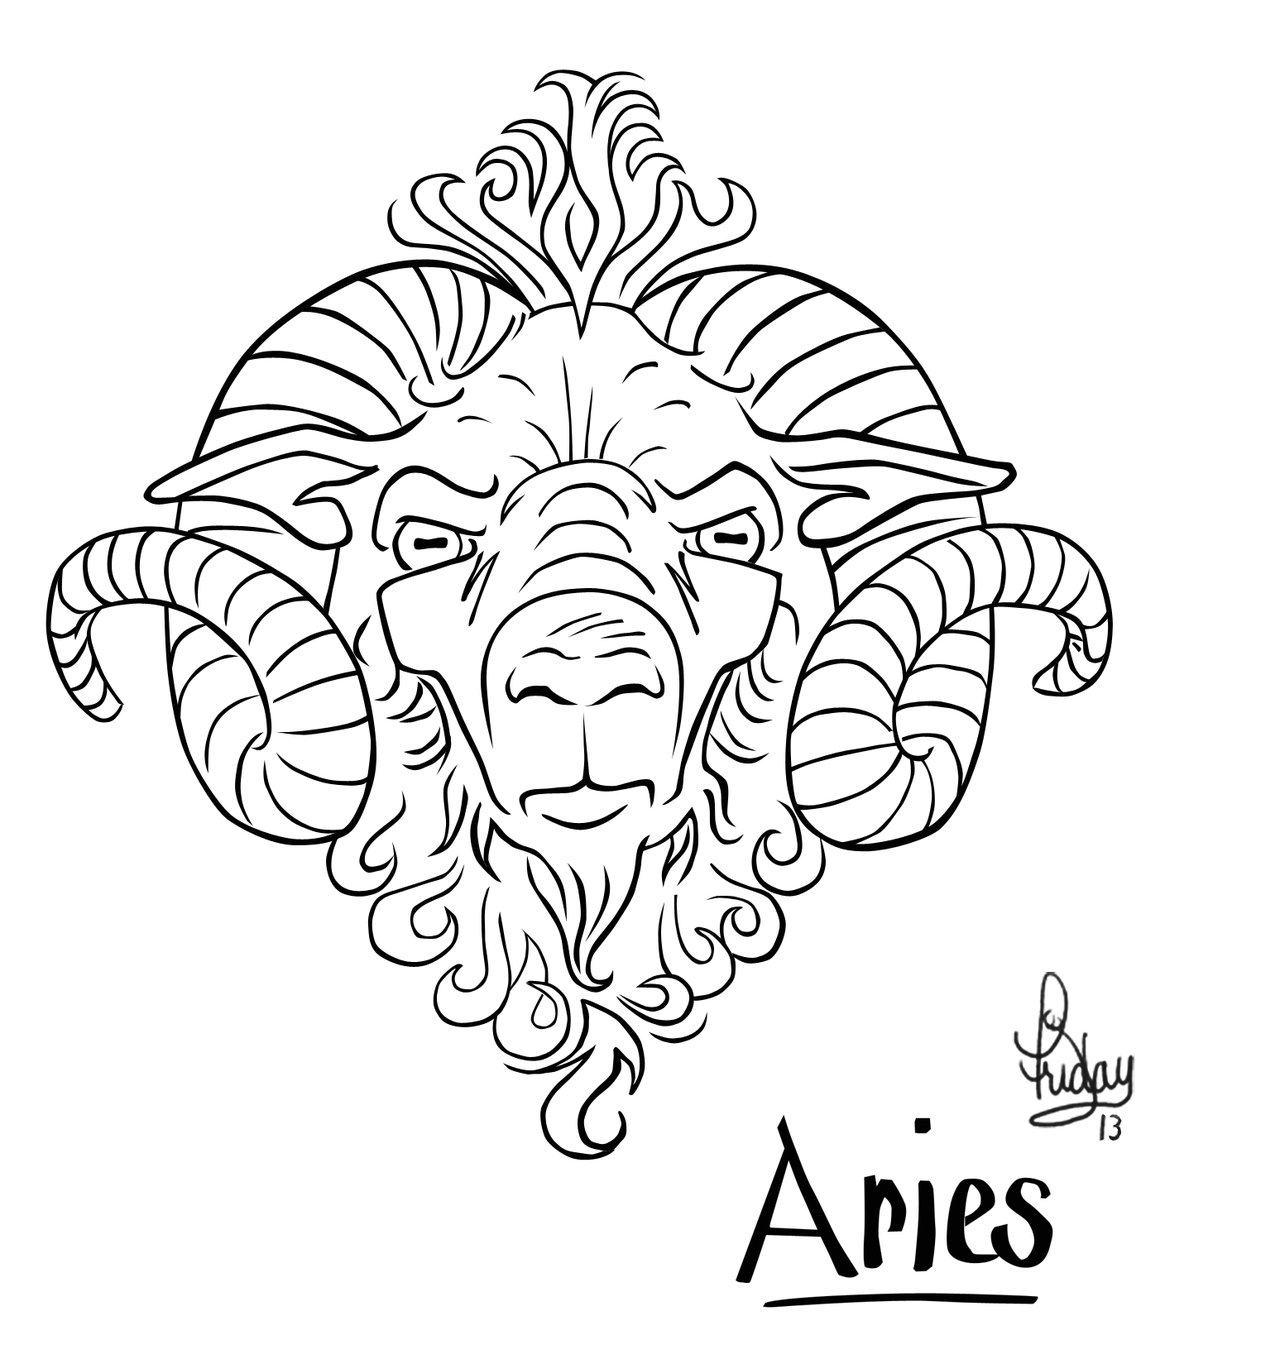 simbolo do signo de aries para tatuagens